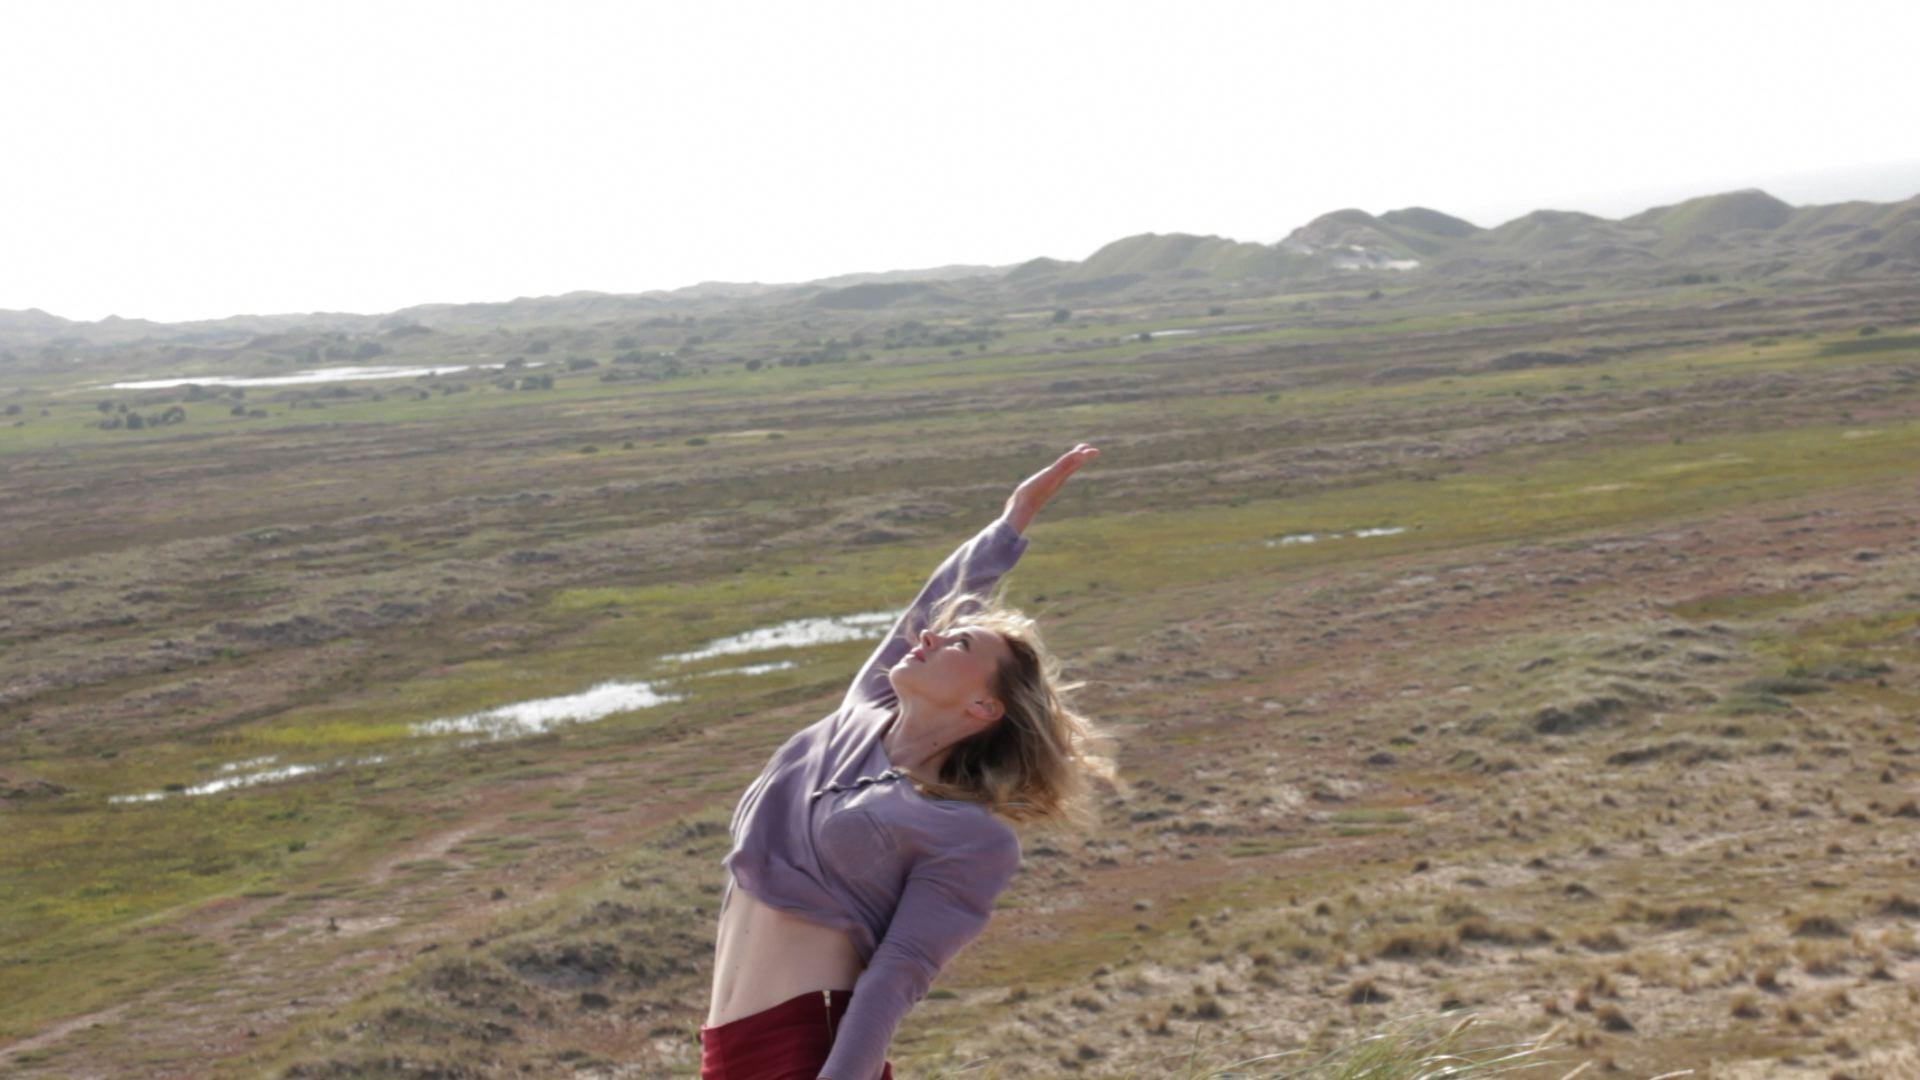 Production Still 7 - Denmark Desert Film